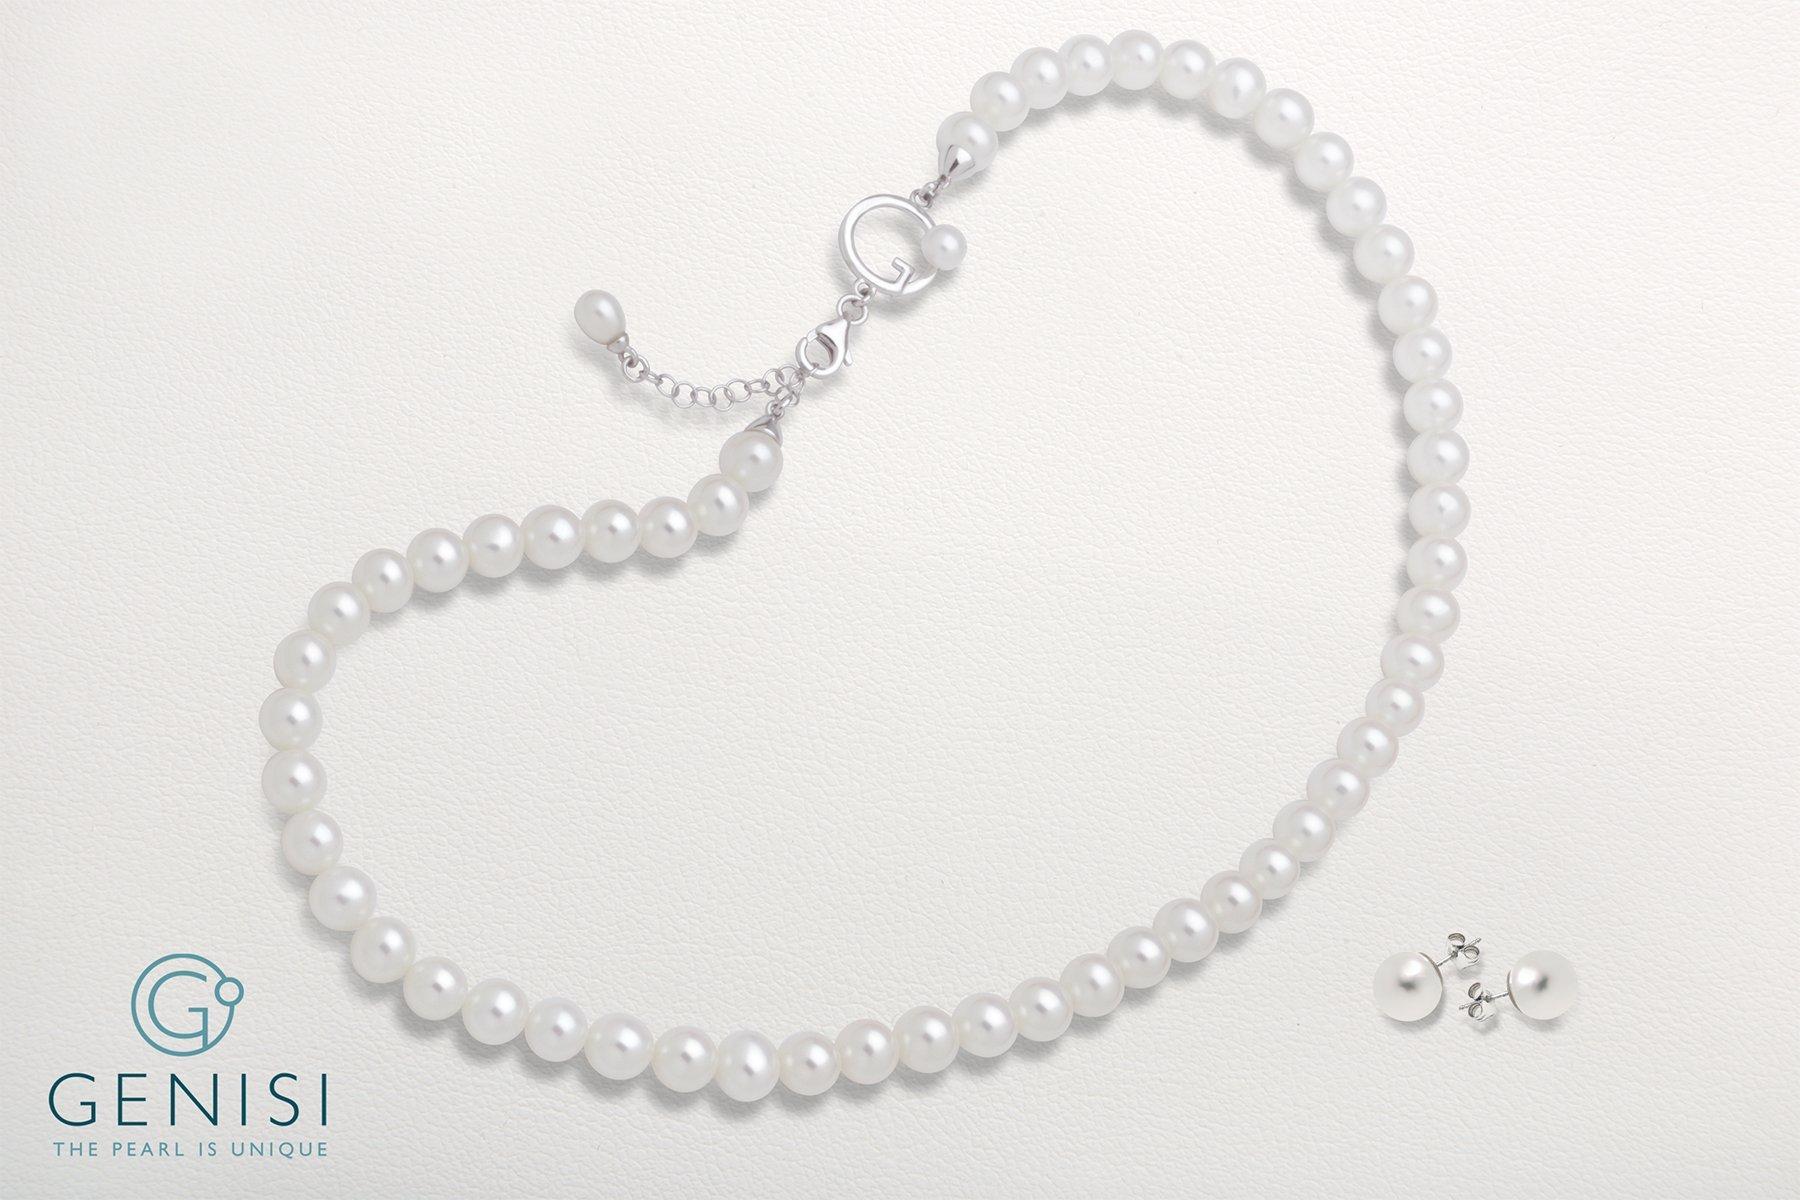 Parure di perle - Collana e orecchini